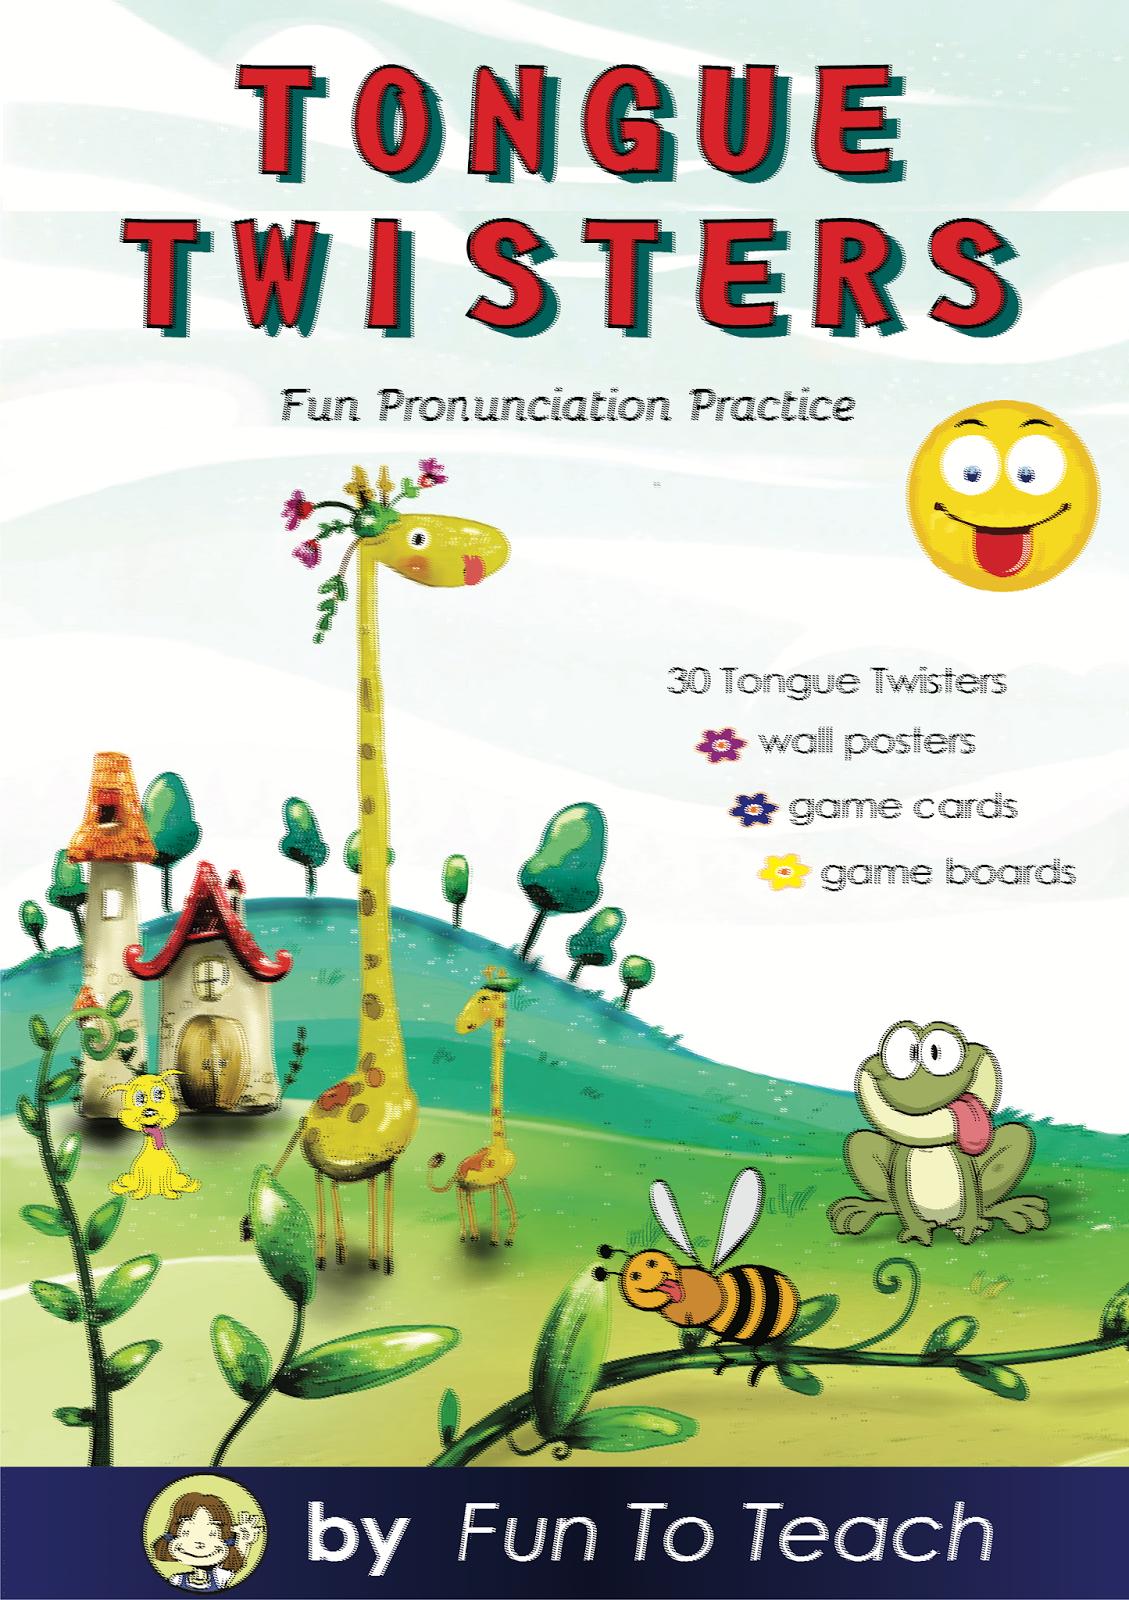 Fun To Teach ESL - Teaching English as a Second Language ... - photo#40